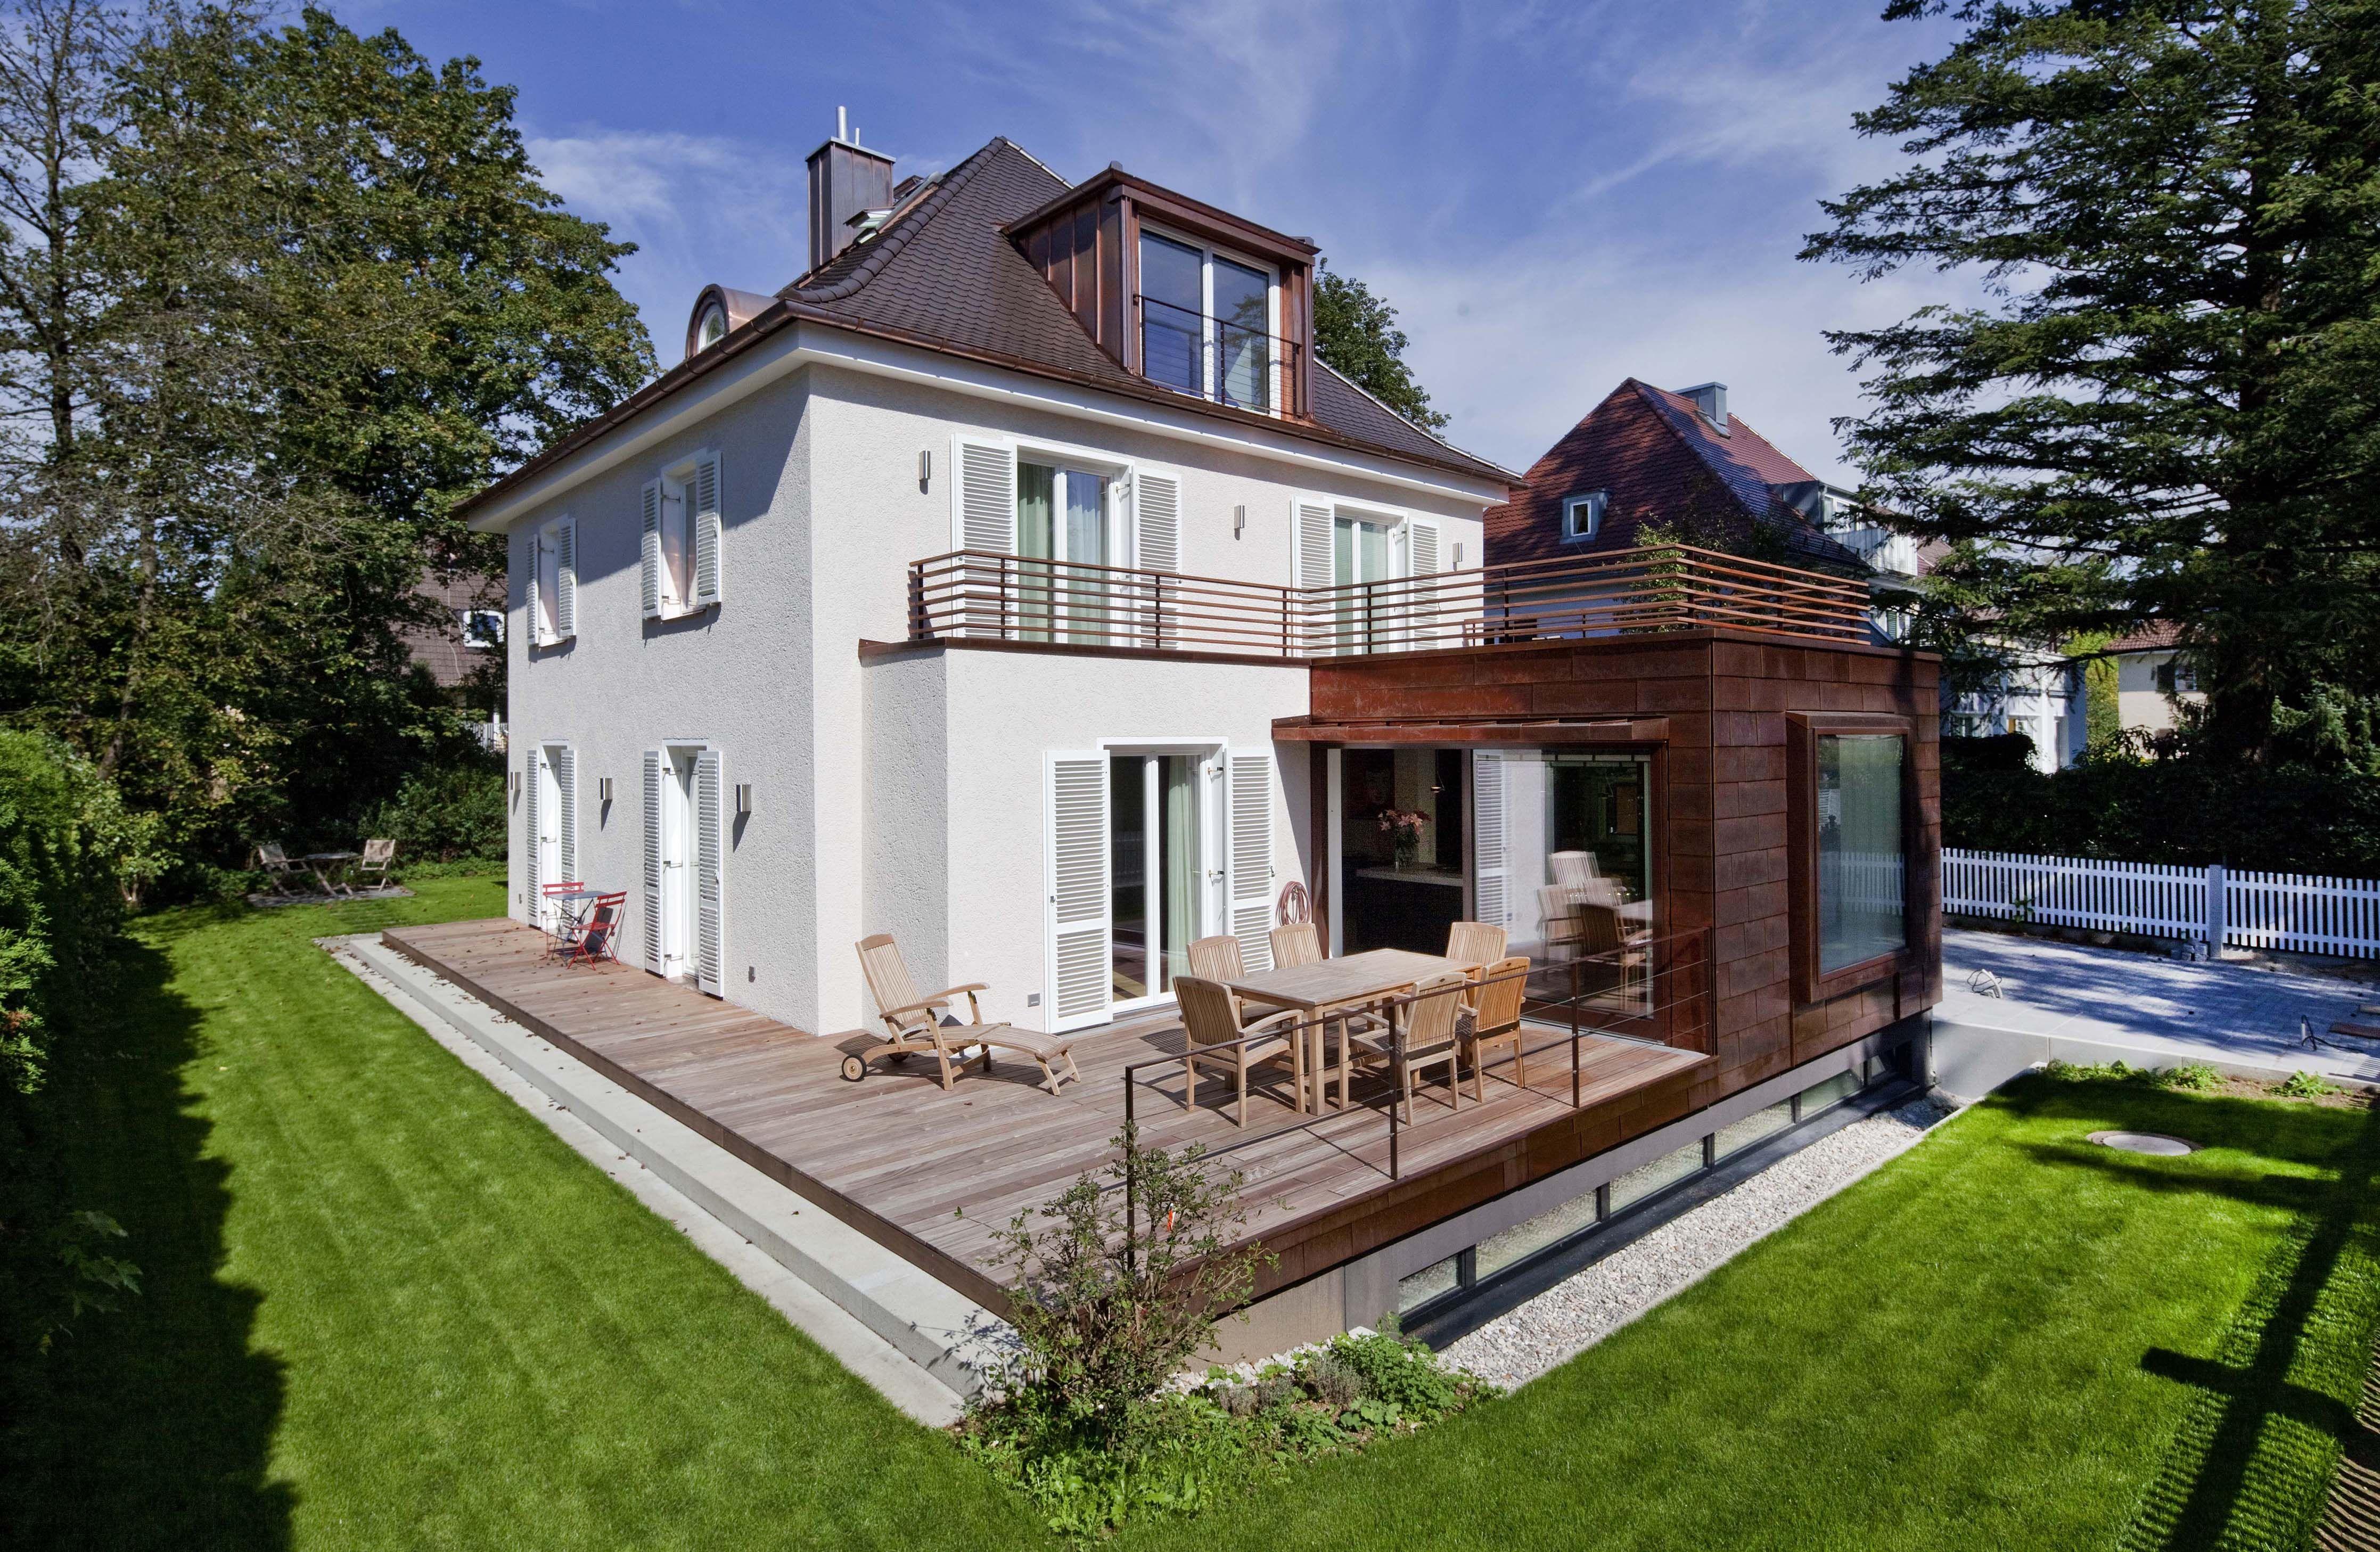 umbau siedlungshaus architecture pinterest haus einfamilienhaus und anbau haus. Black Bedroom Furniture Sets. Home Design Ideas